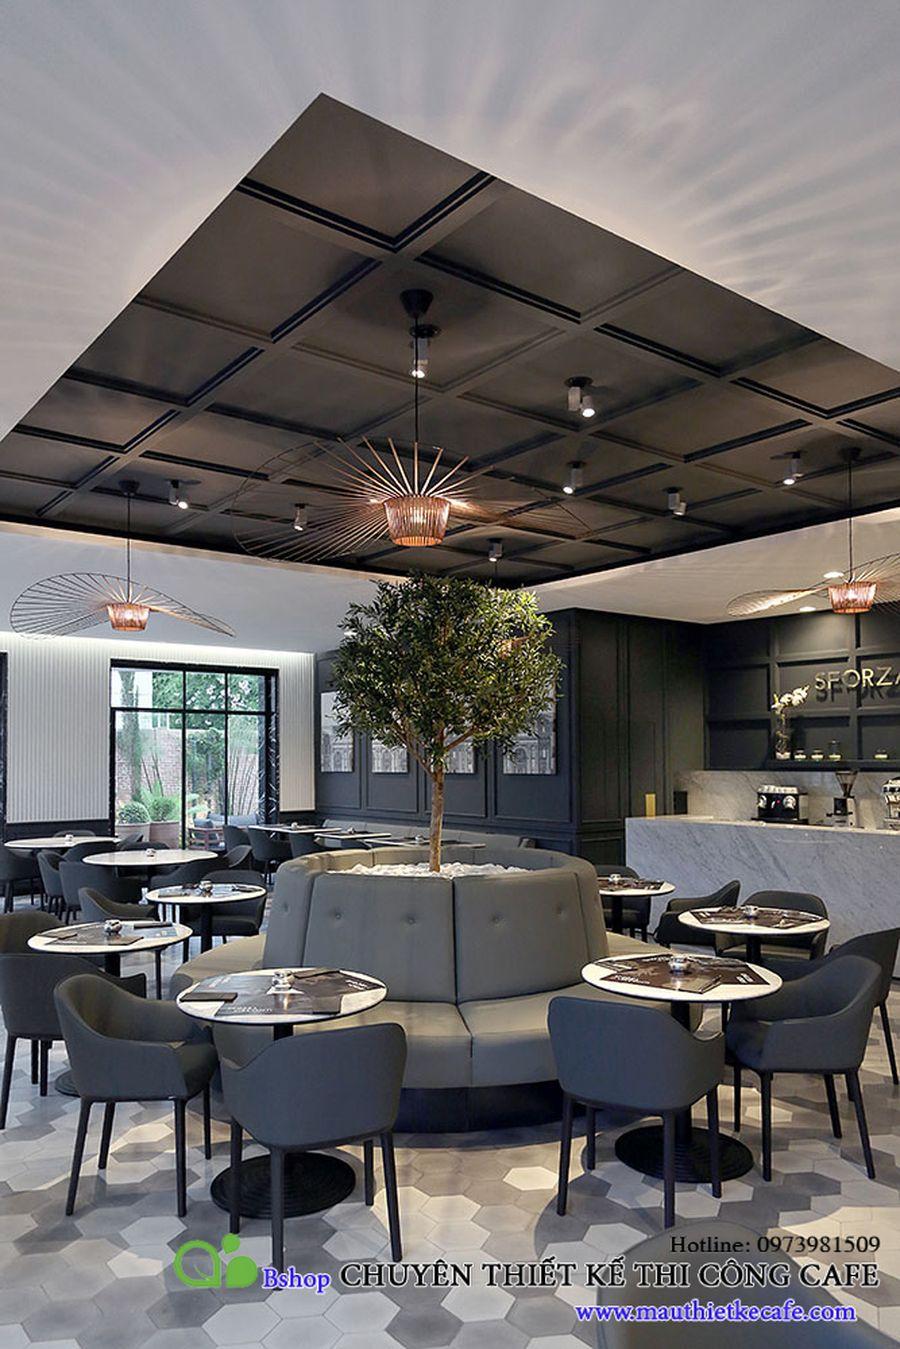 cafe Sforza-Visconti sang trong trong long almaz (3)mauthietkecafe.com